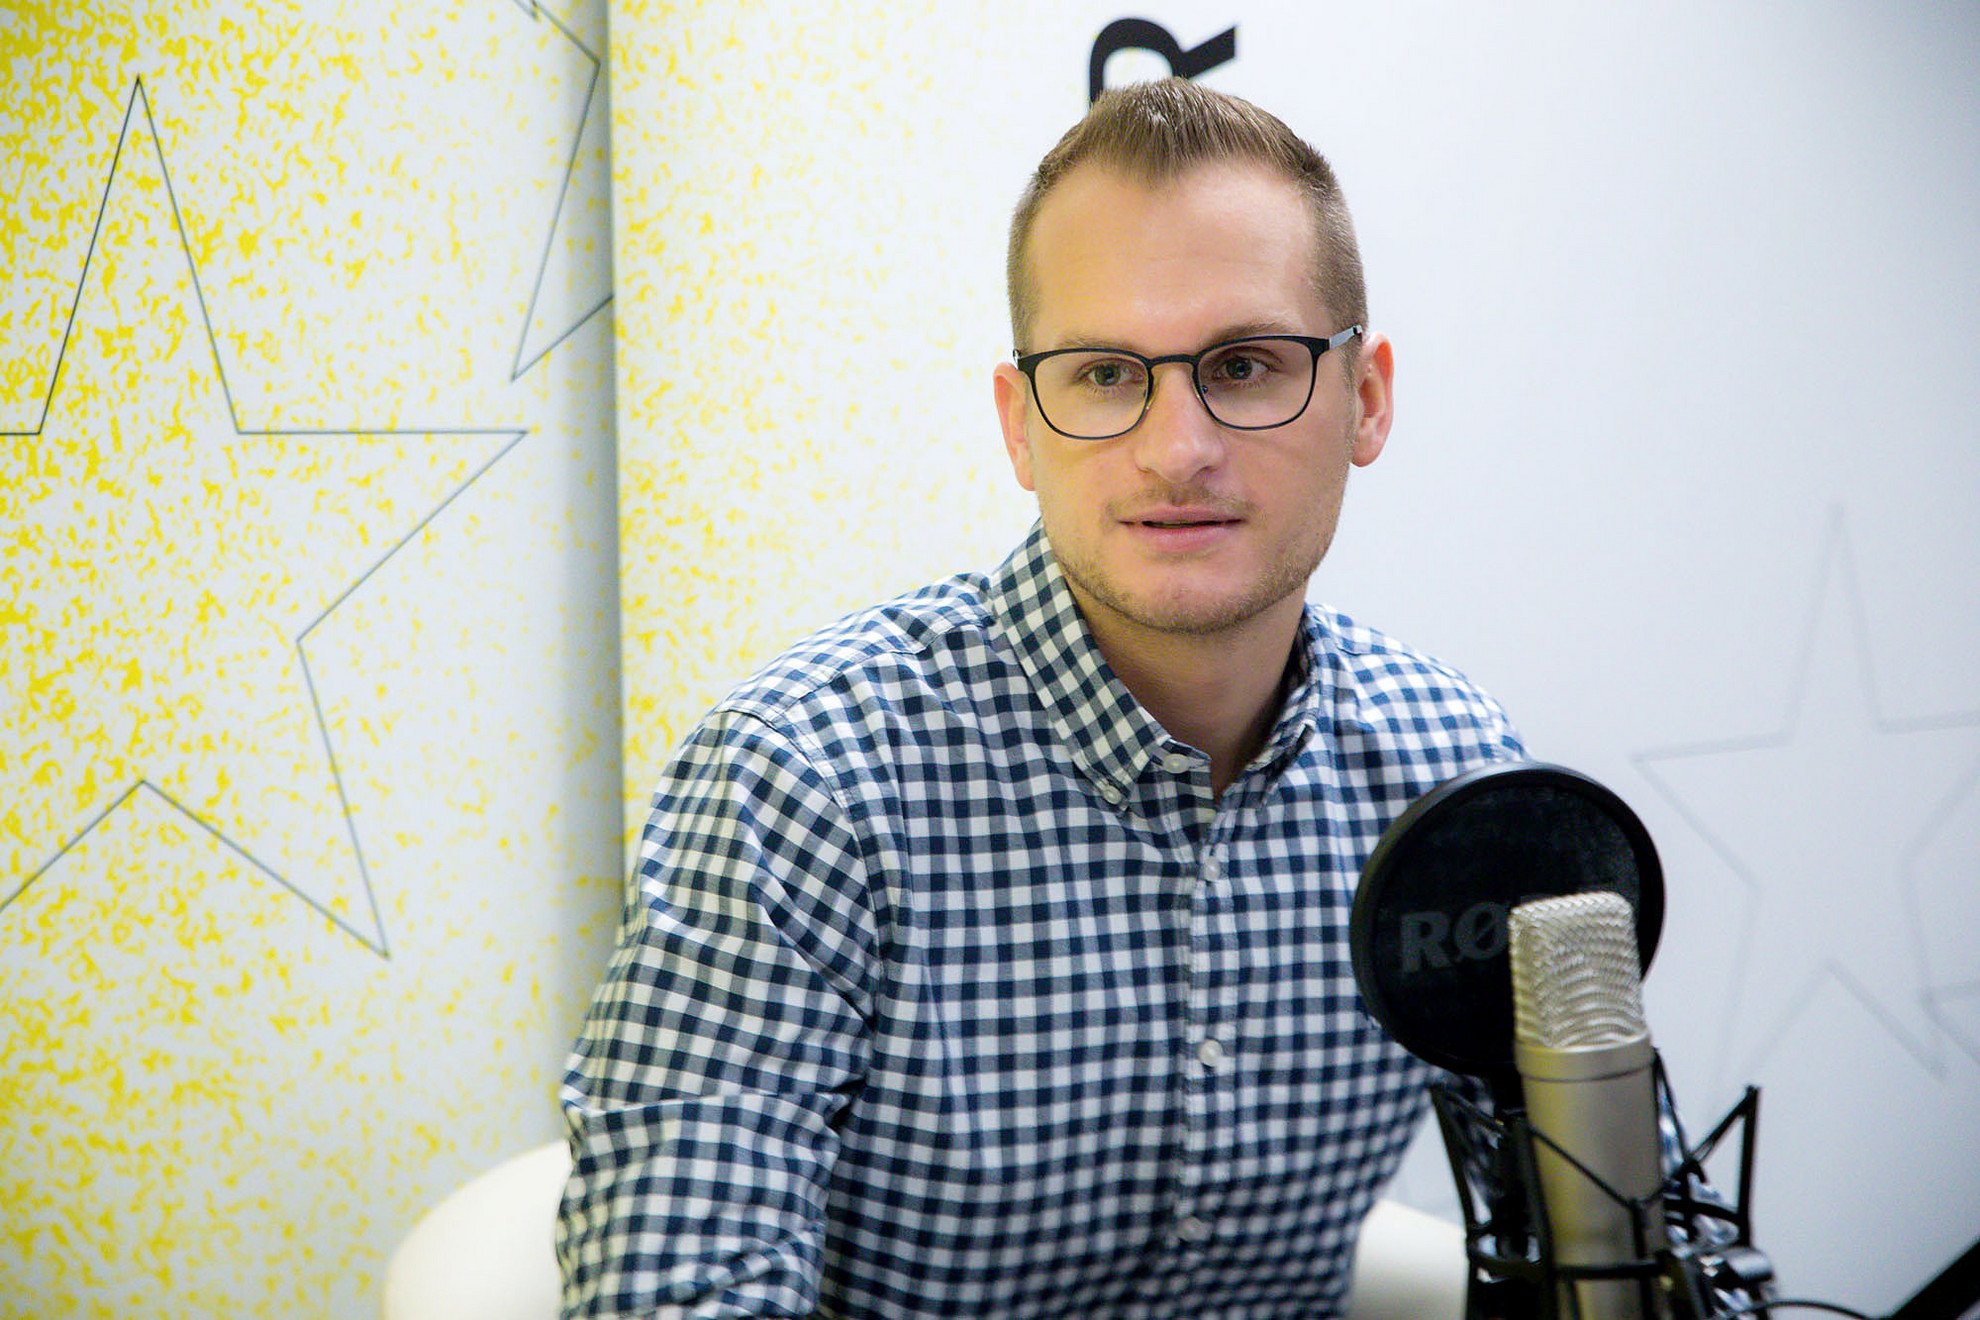 Deák Dániel, a XXI. Század Intézet vezető elemzője a Faktum podcast-adásának felvételén